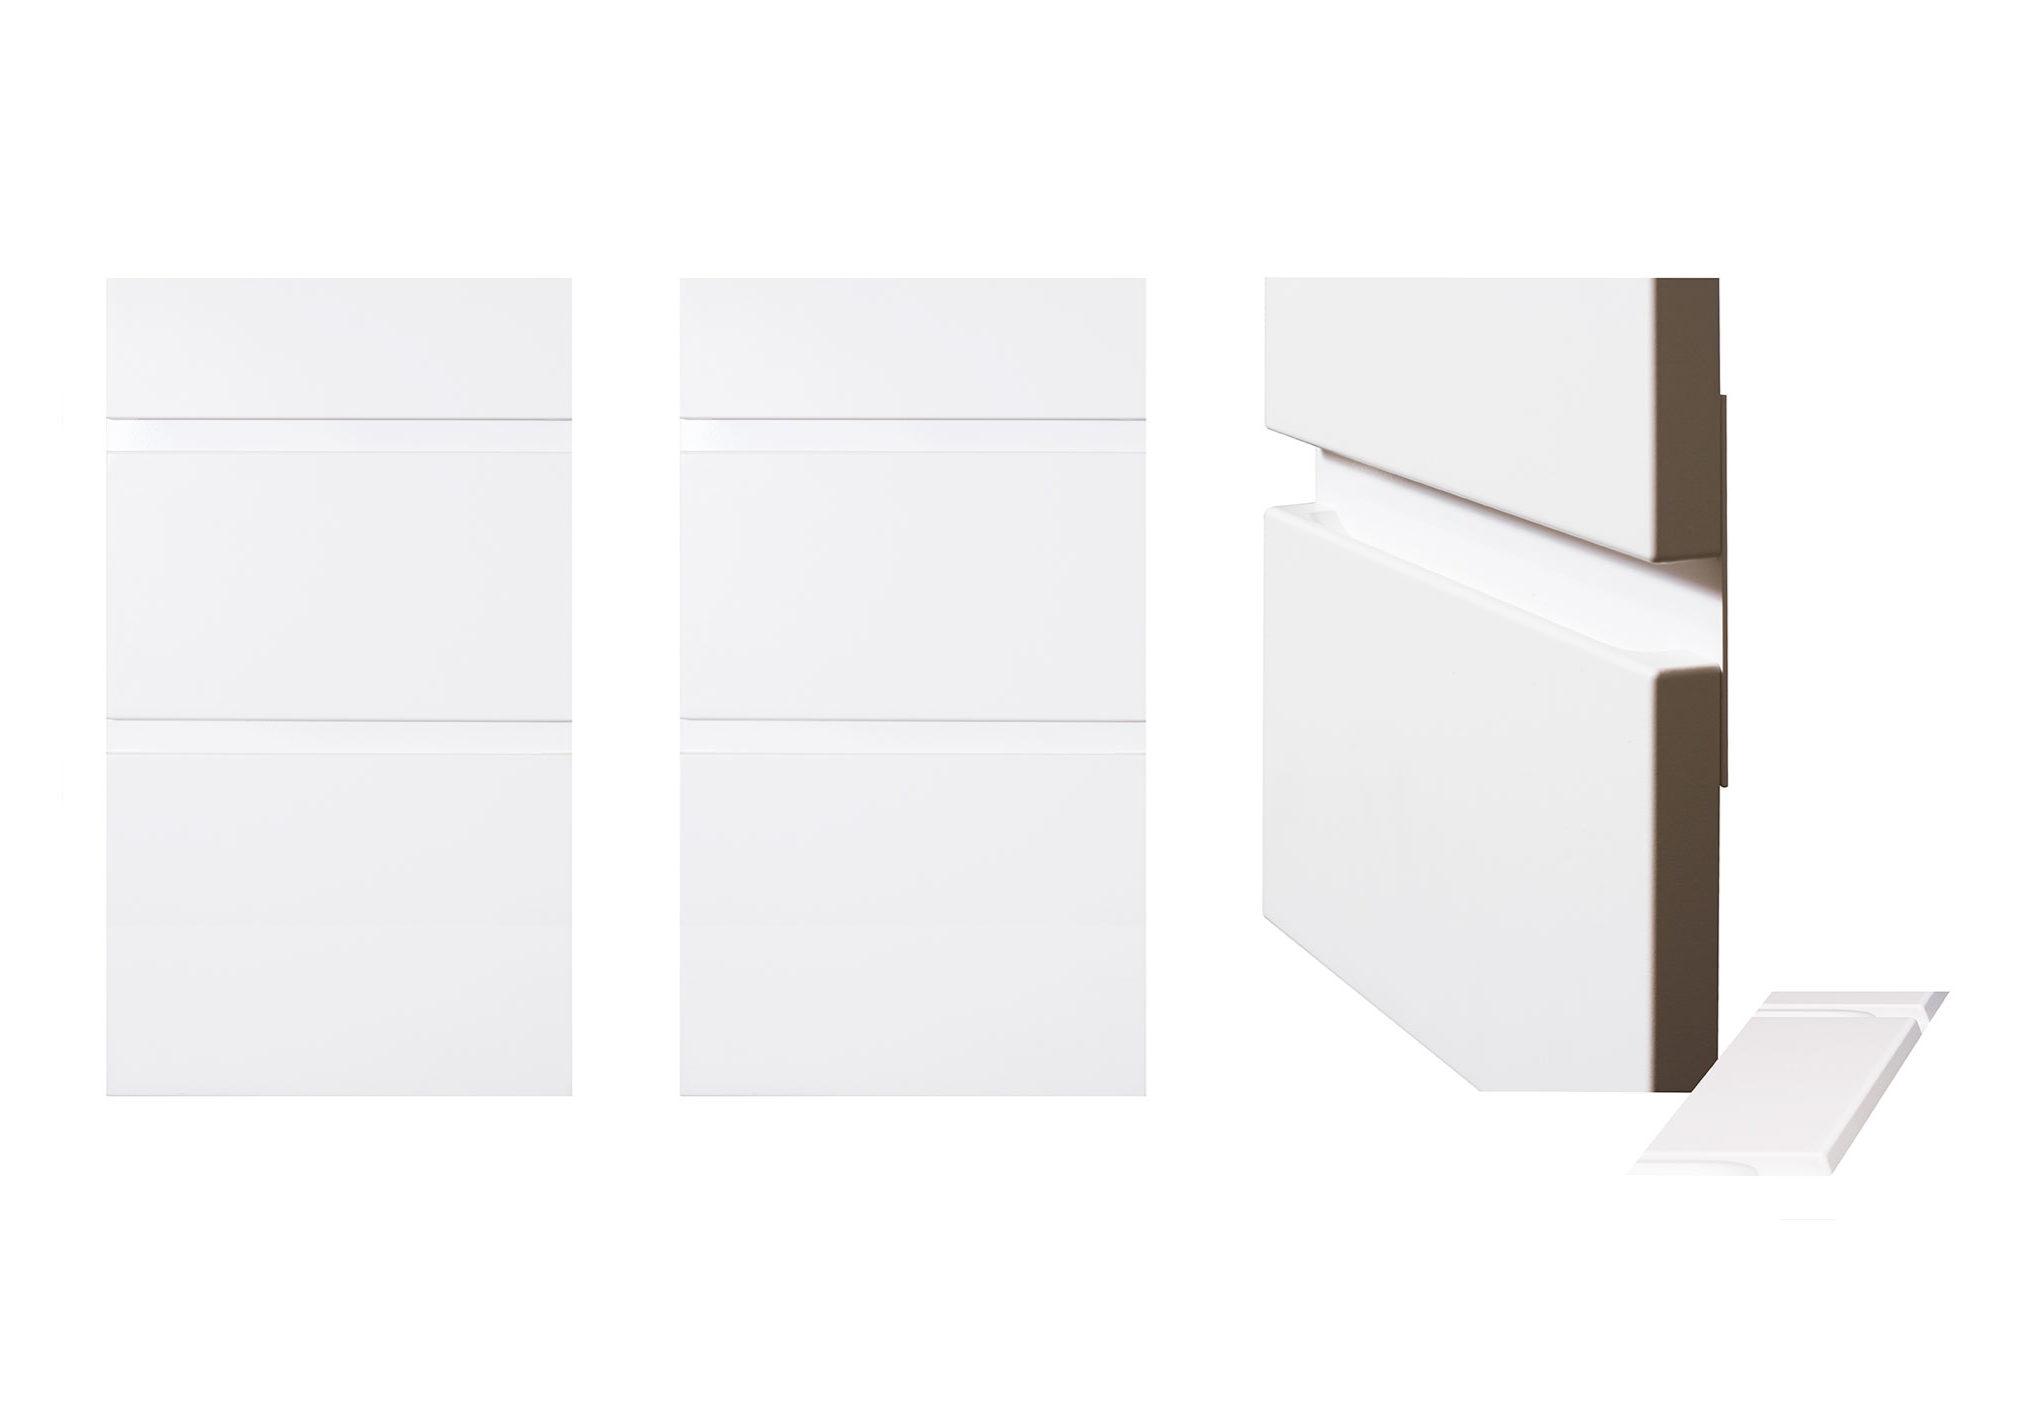 Nordsjo-kjokken-copenhagen-hvite-mellomlist